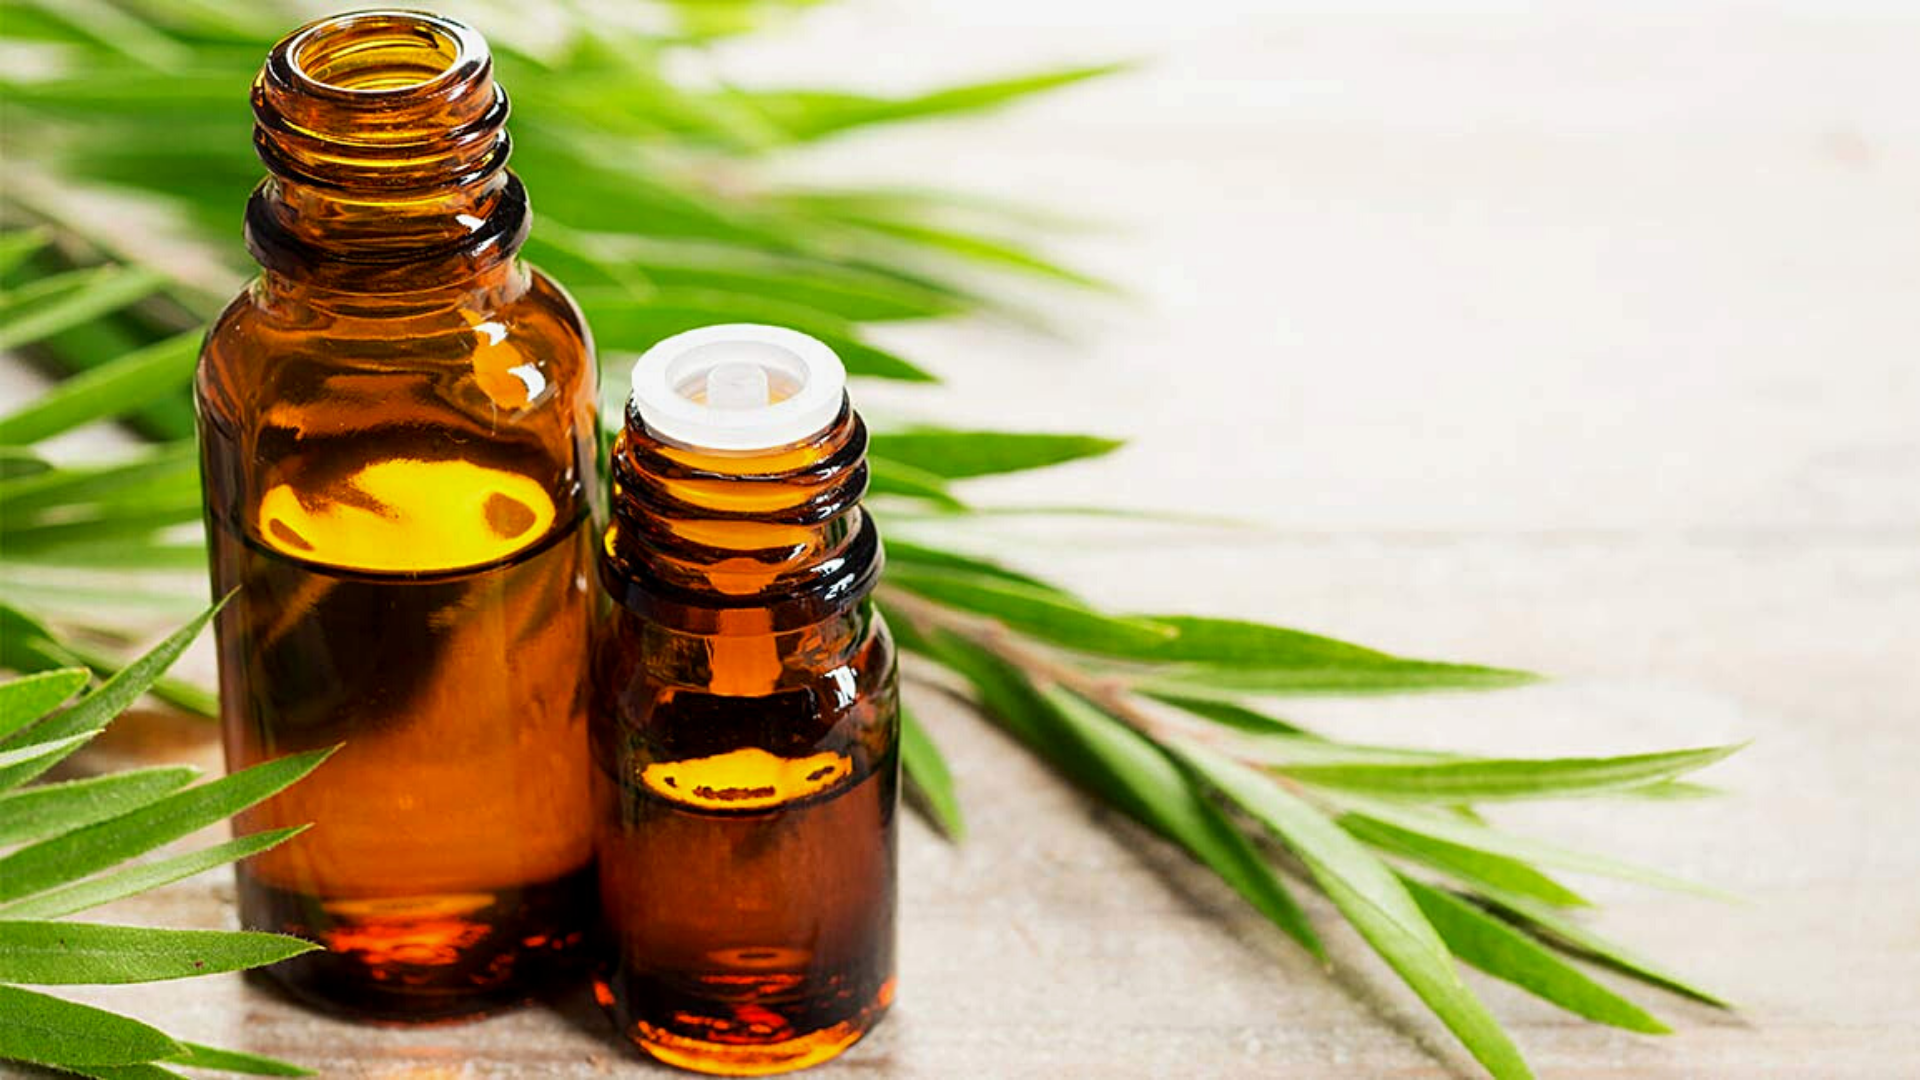 benefits of tea tree oil on face